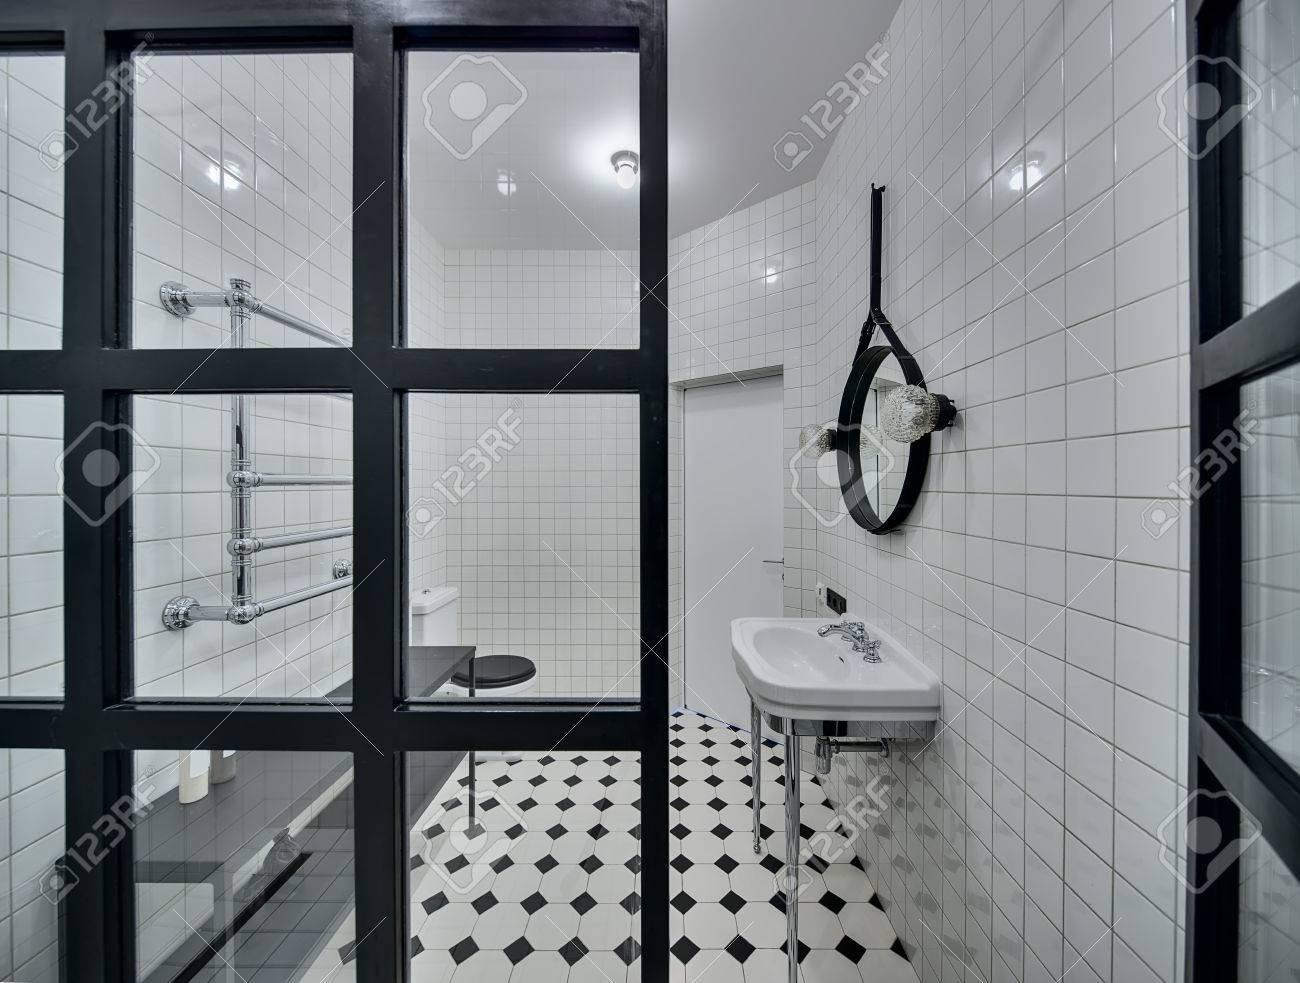 Bagno moderno con pareti di piastrelle bianche c è bianco lavabo